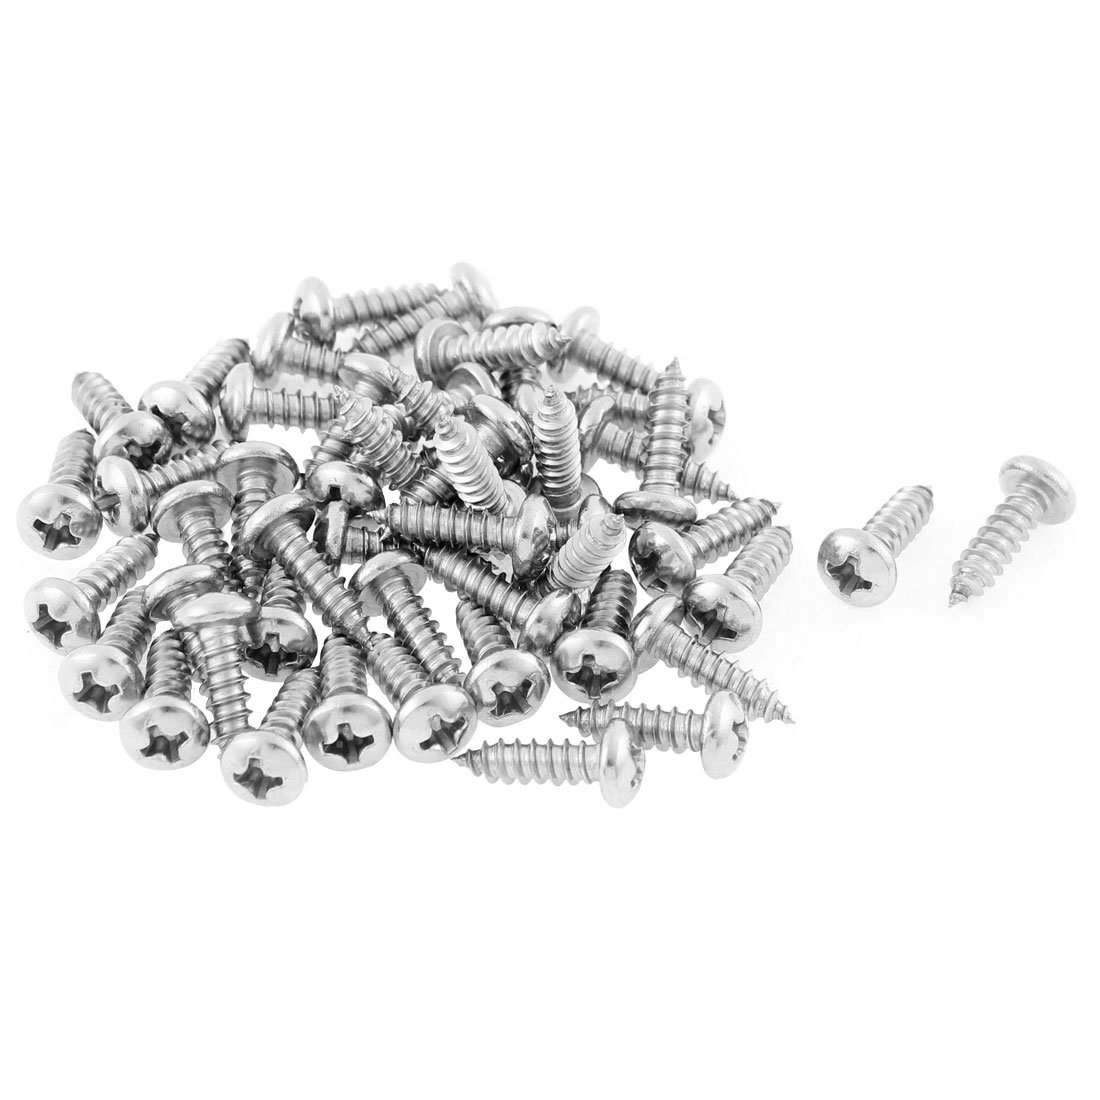 3,9/mmx13/mm Phillips Spitze selbstschneidenden Schrauben 50/PCS